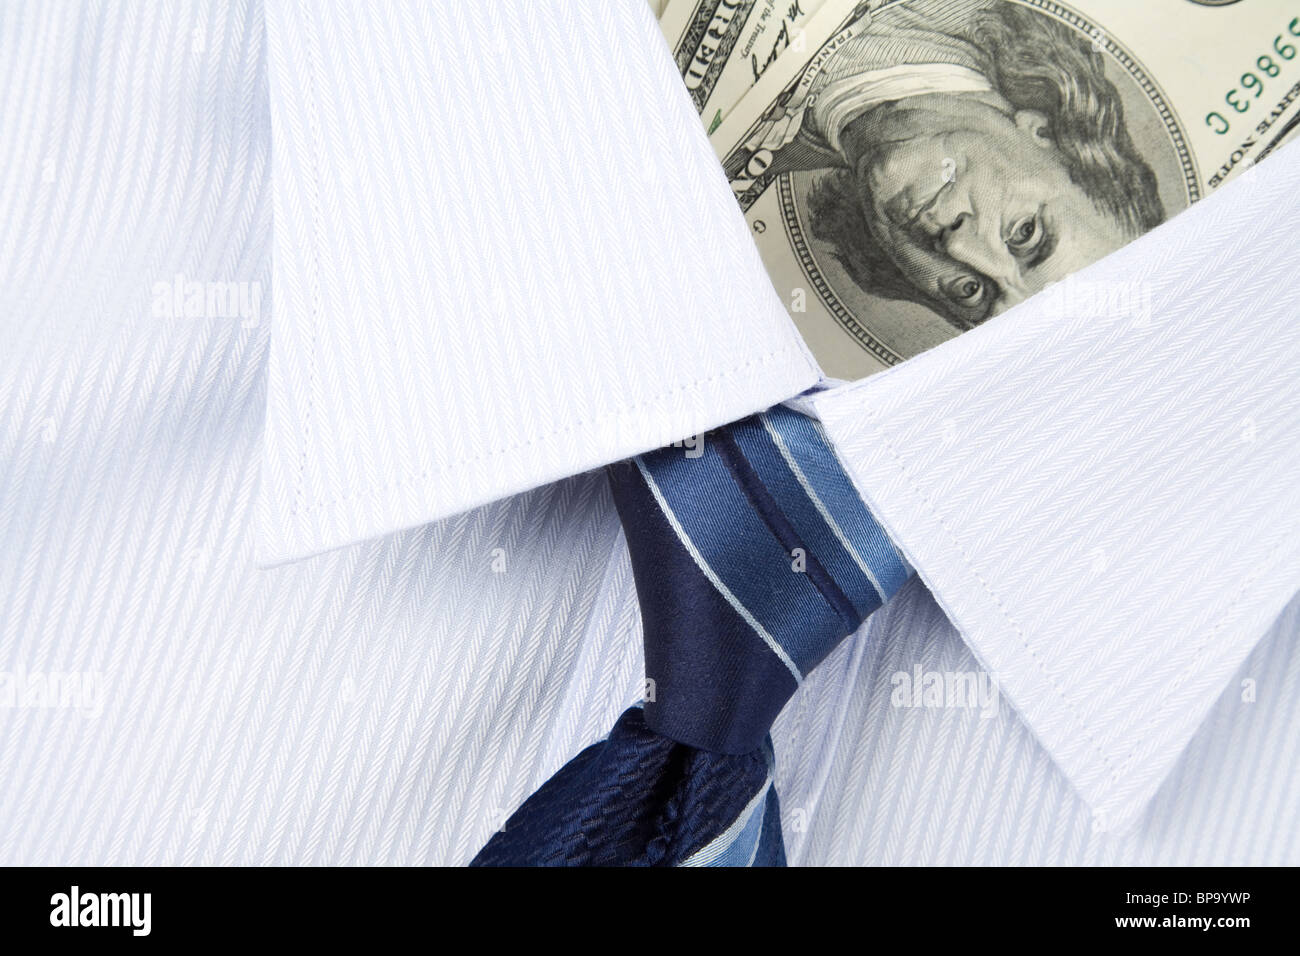 Chemise et du dollar, les Concept Banque D'Images